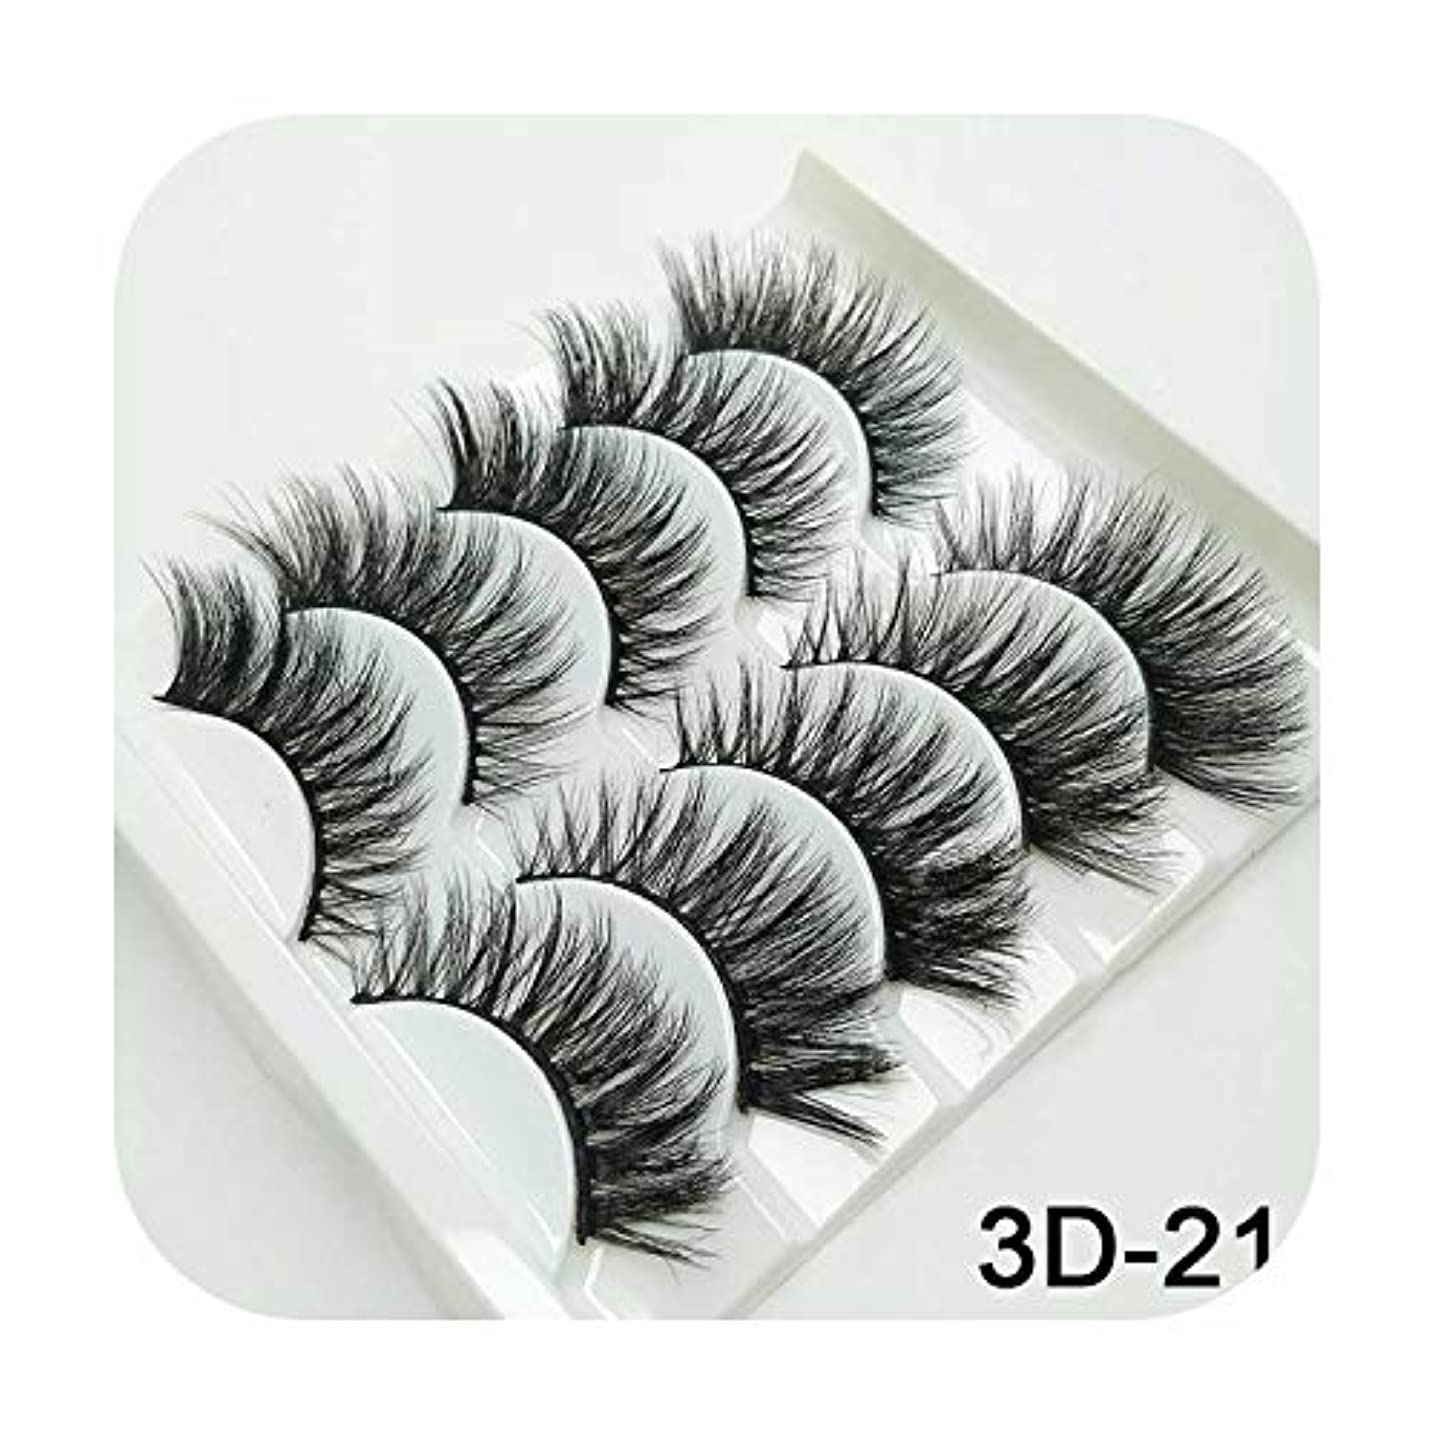 支店発疹吹雪3Dミンクまつげナチュラルつけまつげロングまつげエクステンション5ペアフェイクフェイクラッシュ,3D-21